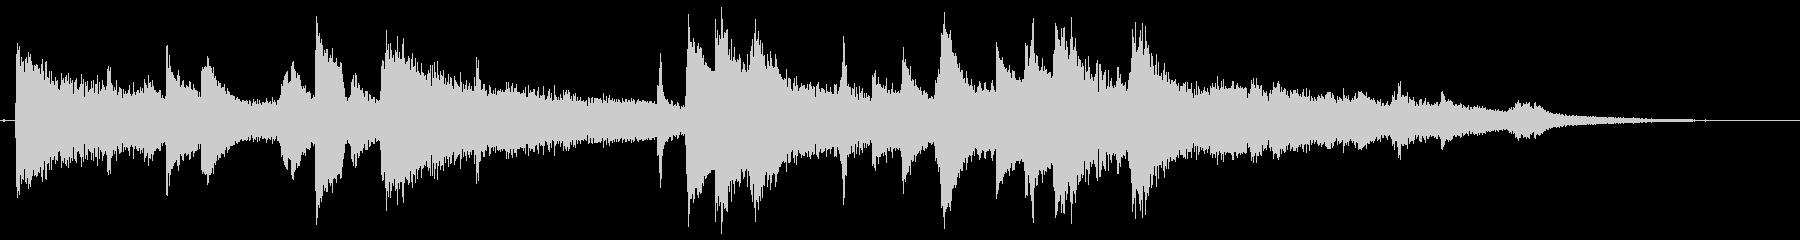 ムーディーなジャズピアノのジングルの未再生の波形